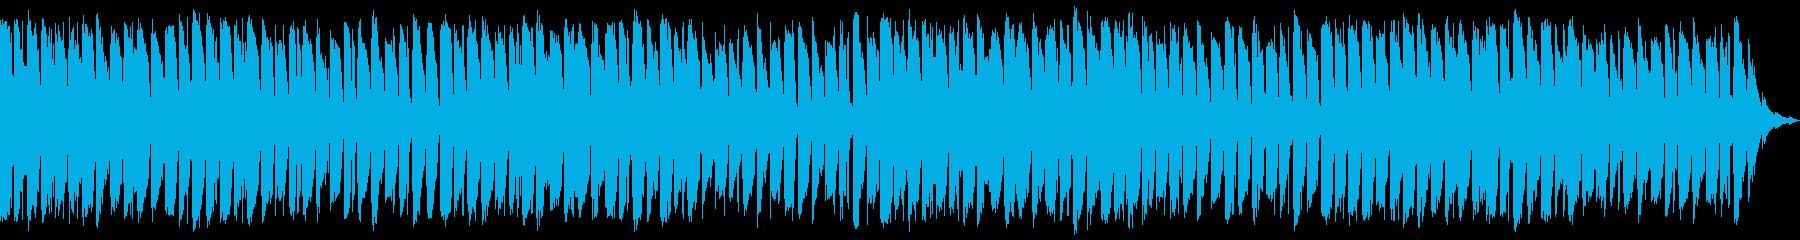 ポジティブでアップビート、フレッシ...の再生済みの波形